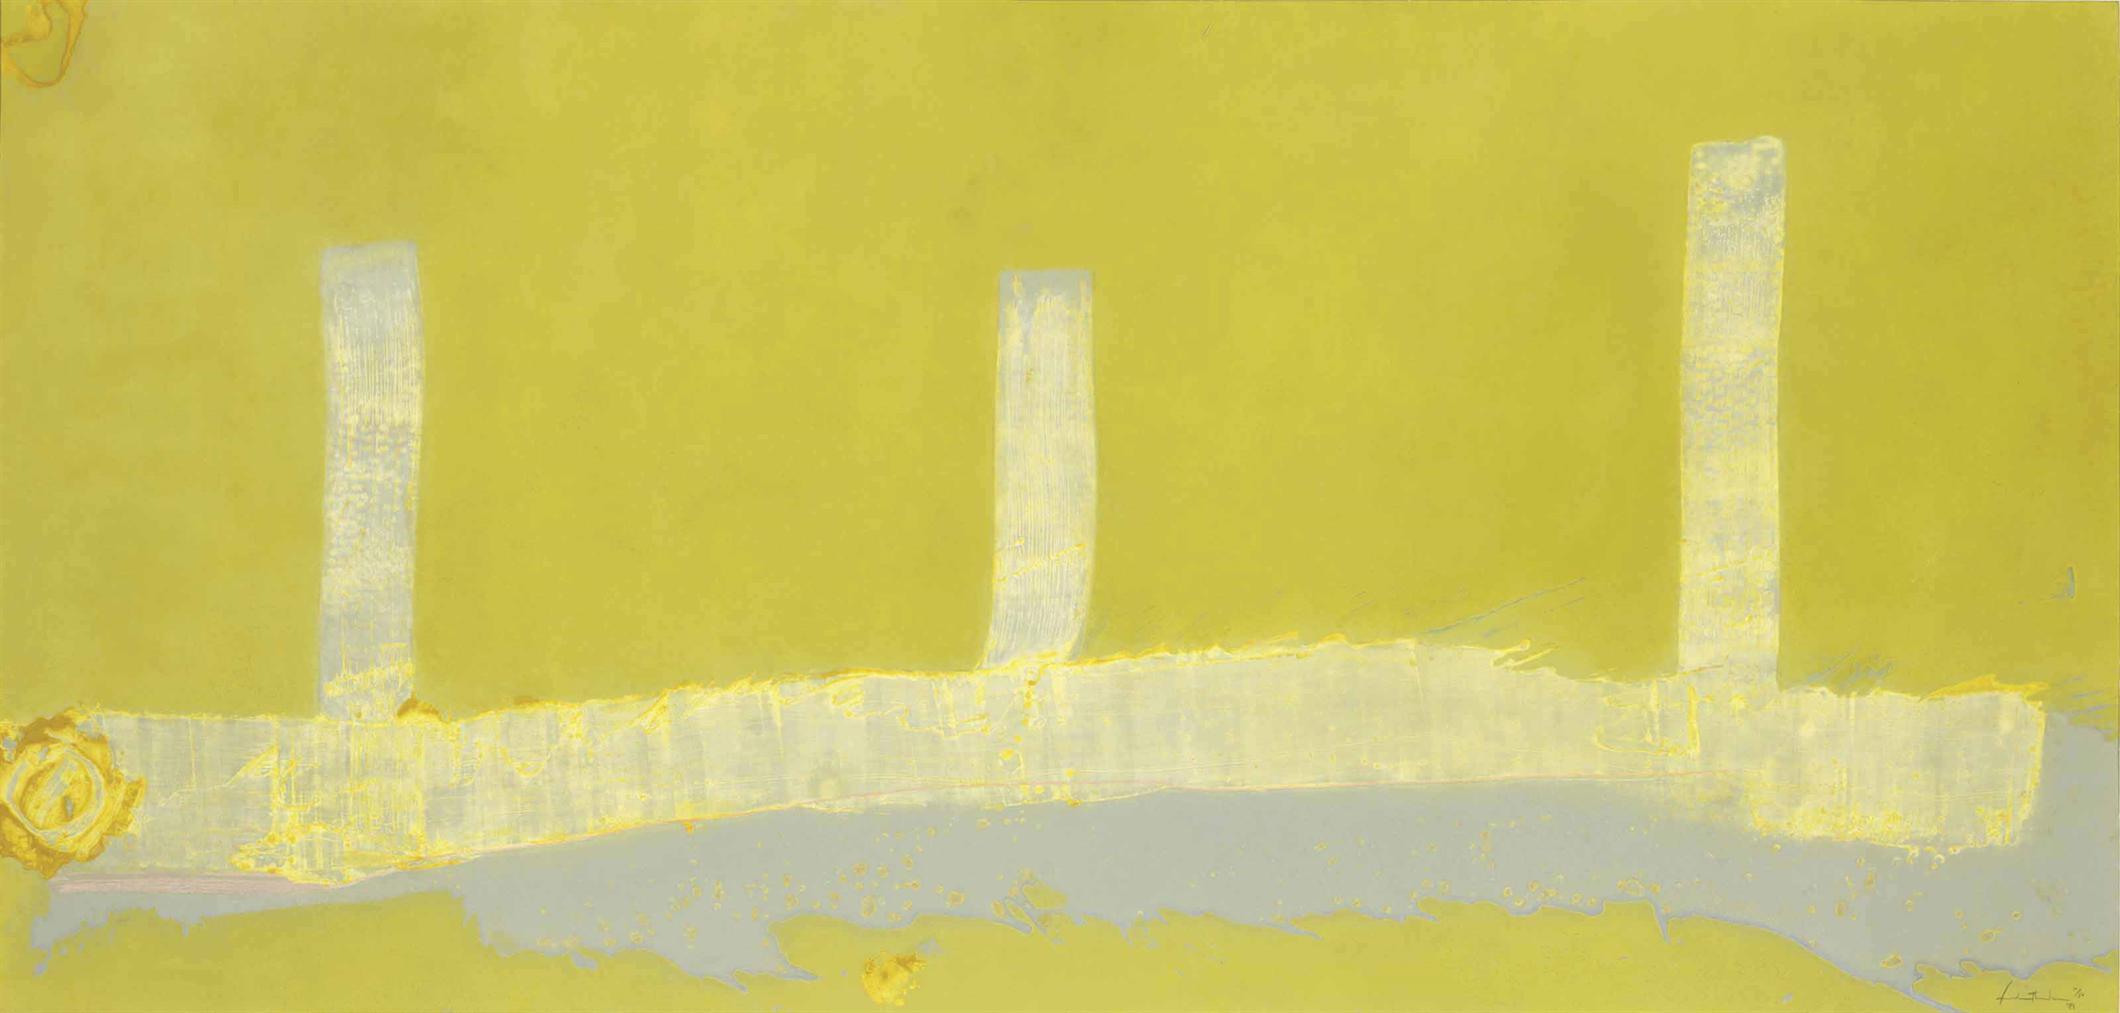 Helen Frankenthaler-Hermes-1989